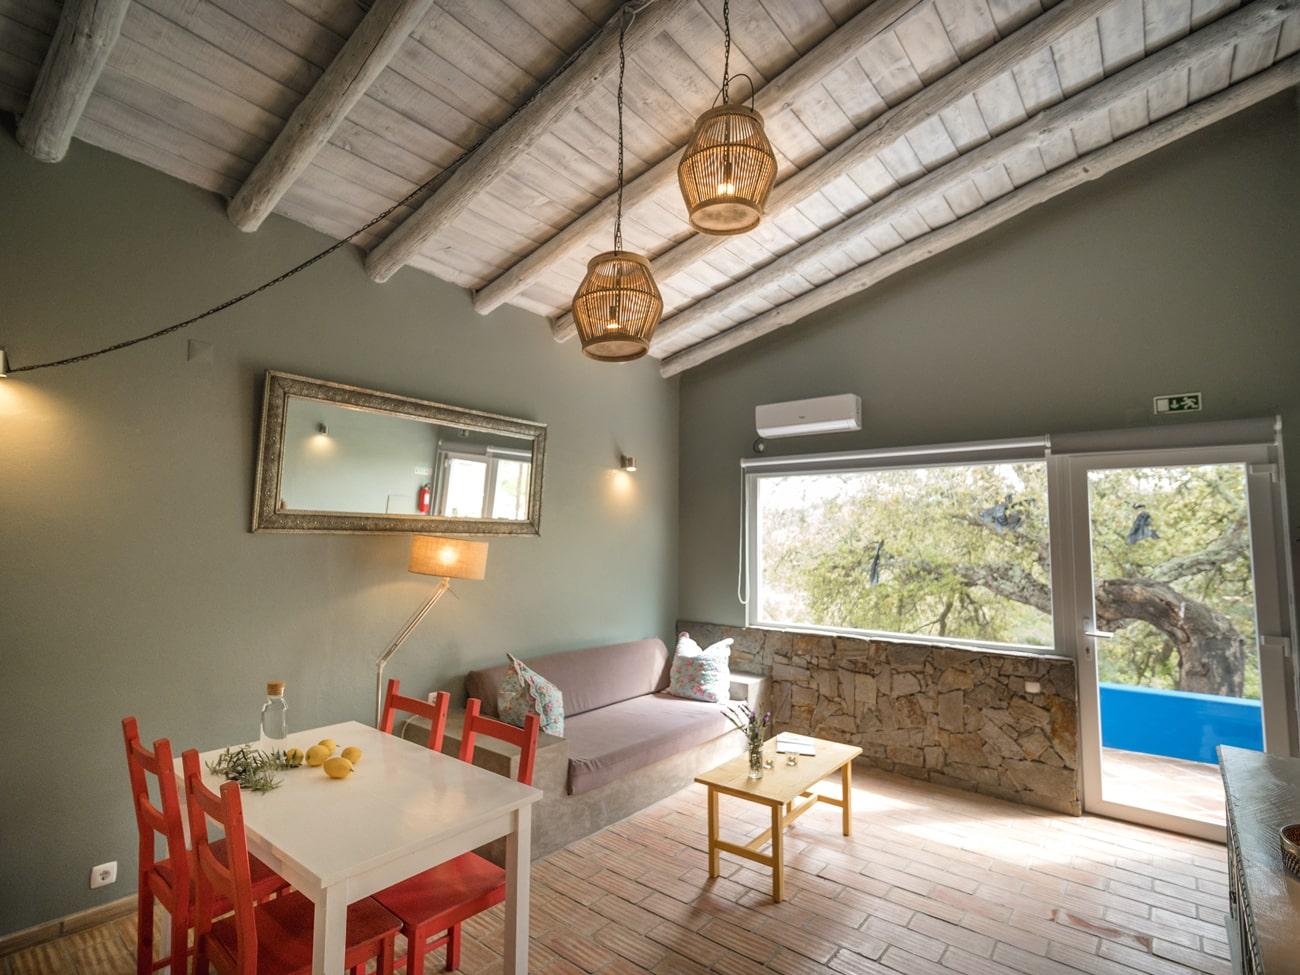 Apartamento com vista piscina - Kashba 4